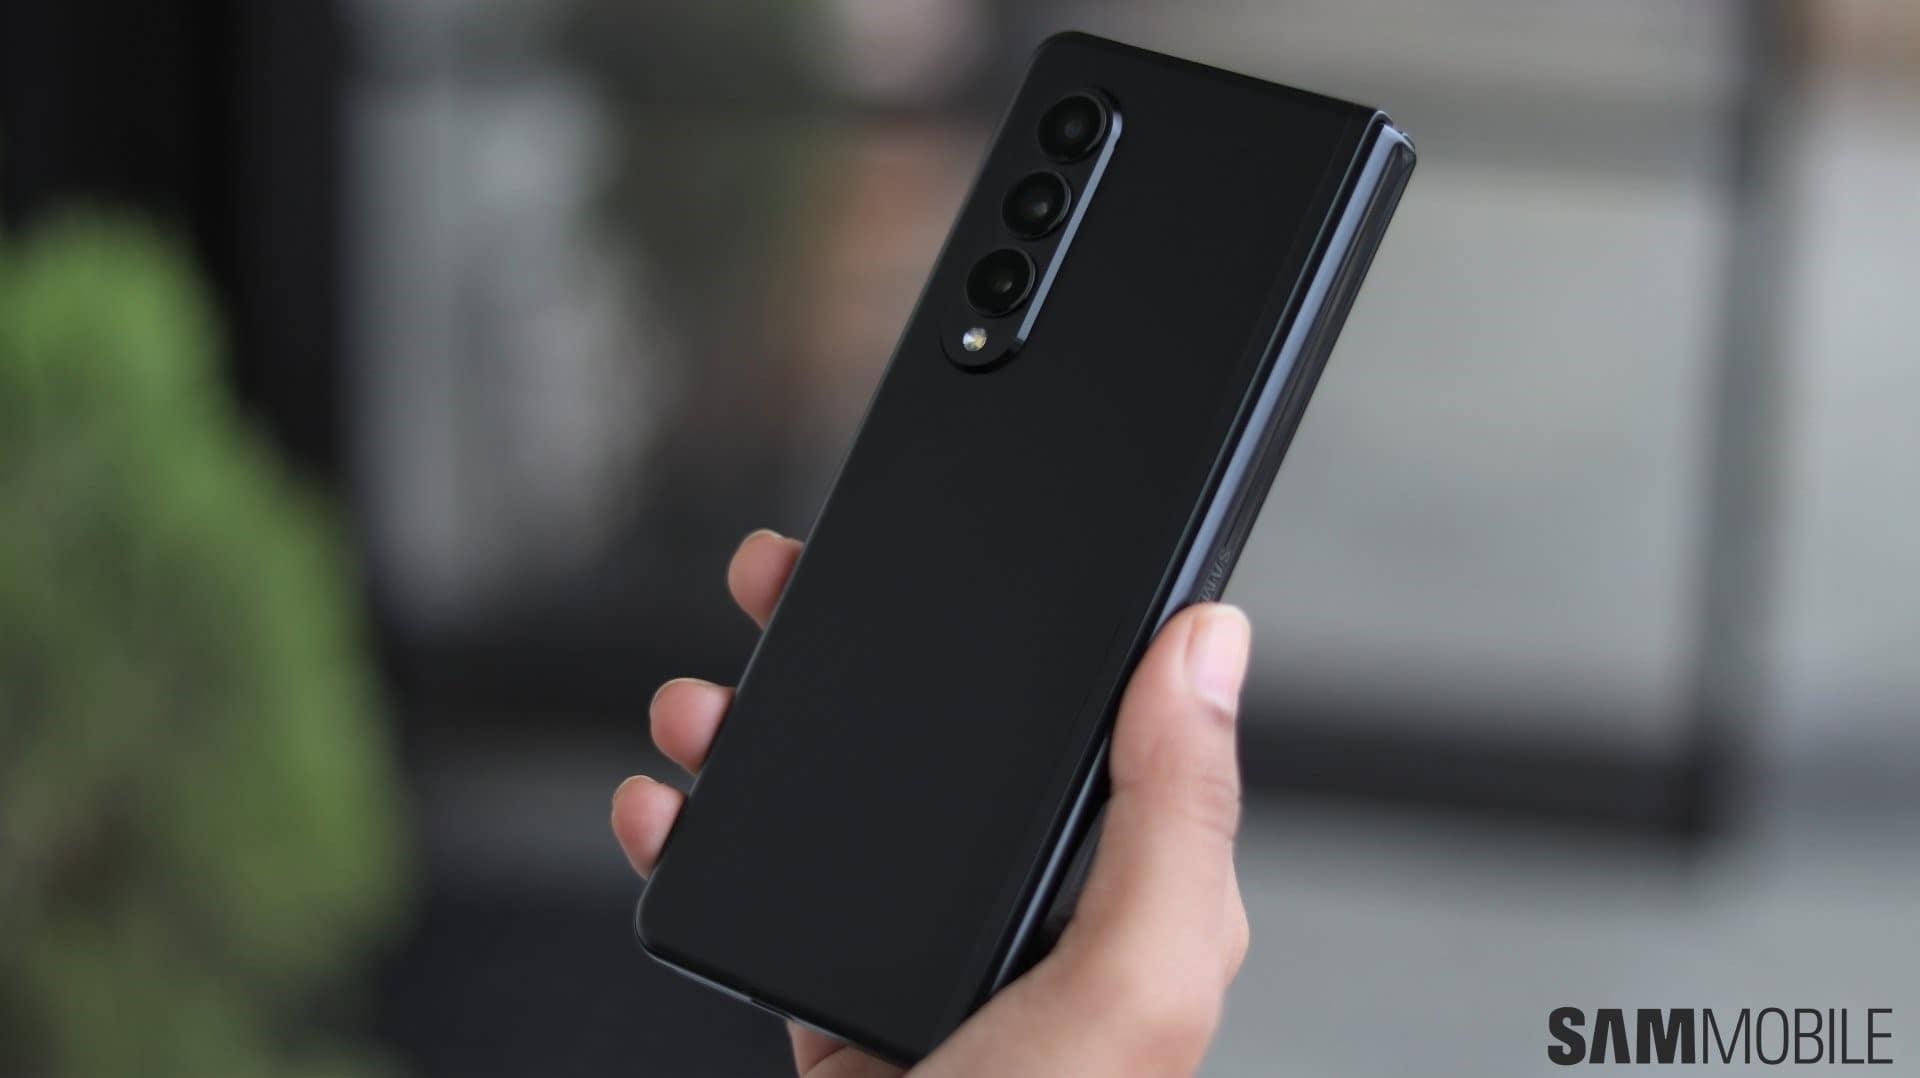 گوشی های کاربران کرهای سامسونگ زد فولد ۳ و زد فلیپ ۳ آپدیت امنیتی اکتبر 2021 را دریافت می کنند - چیکاو